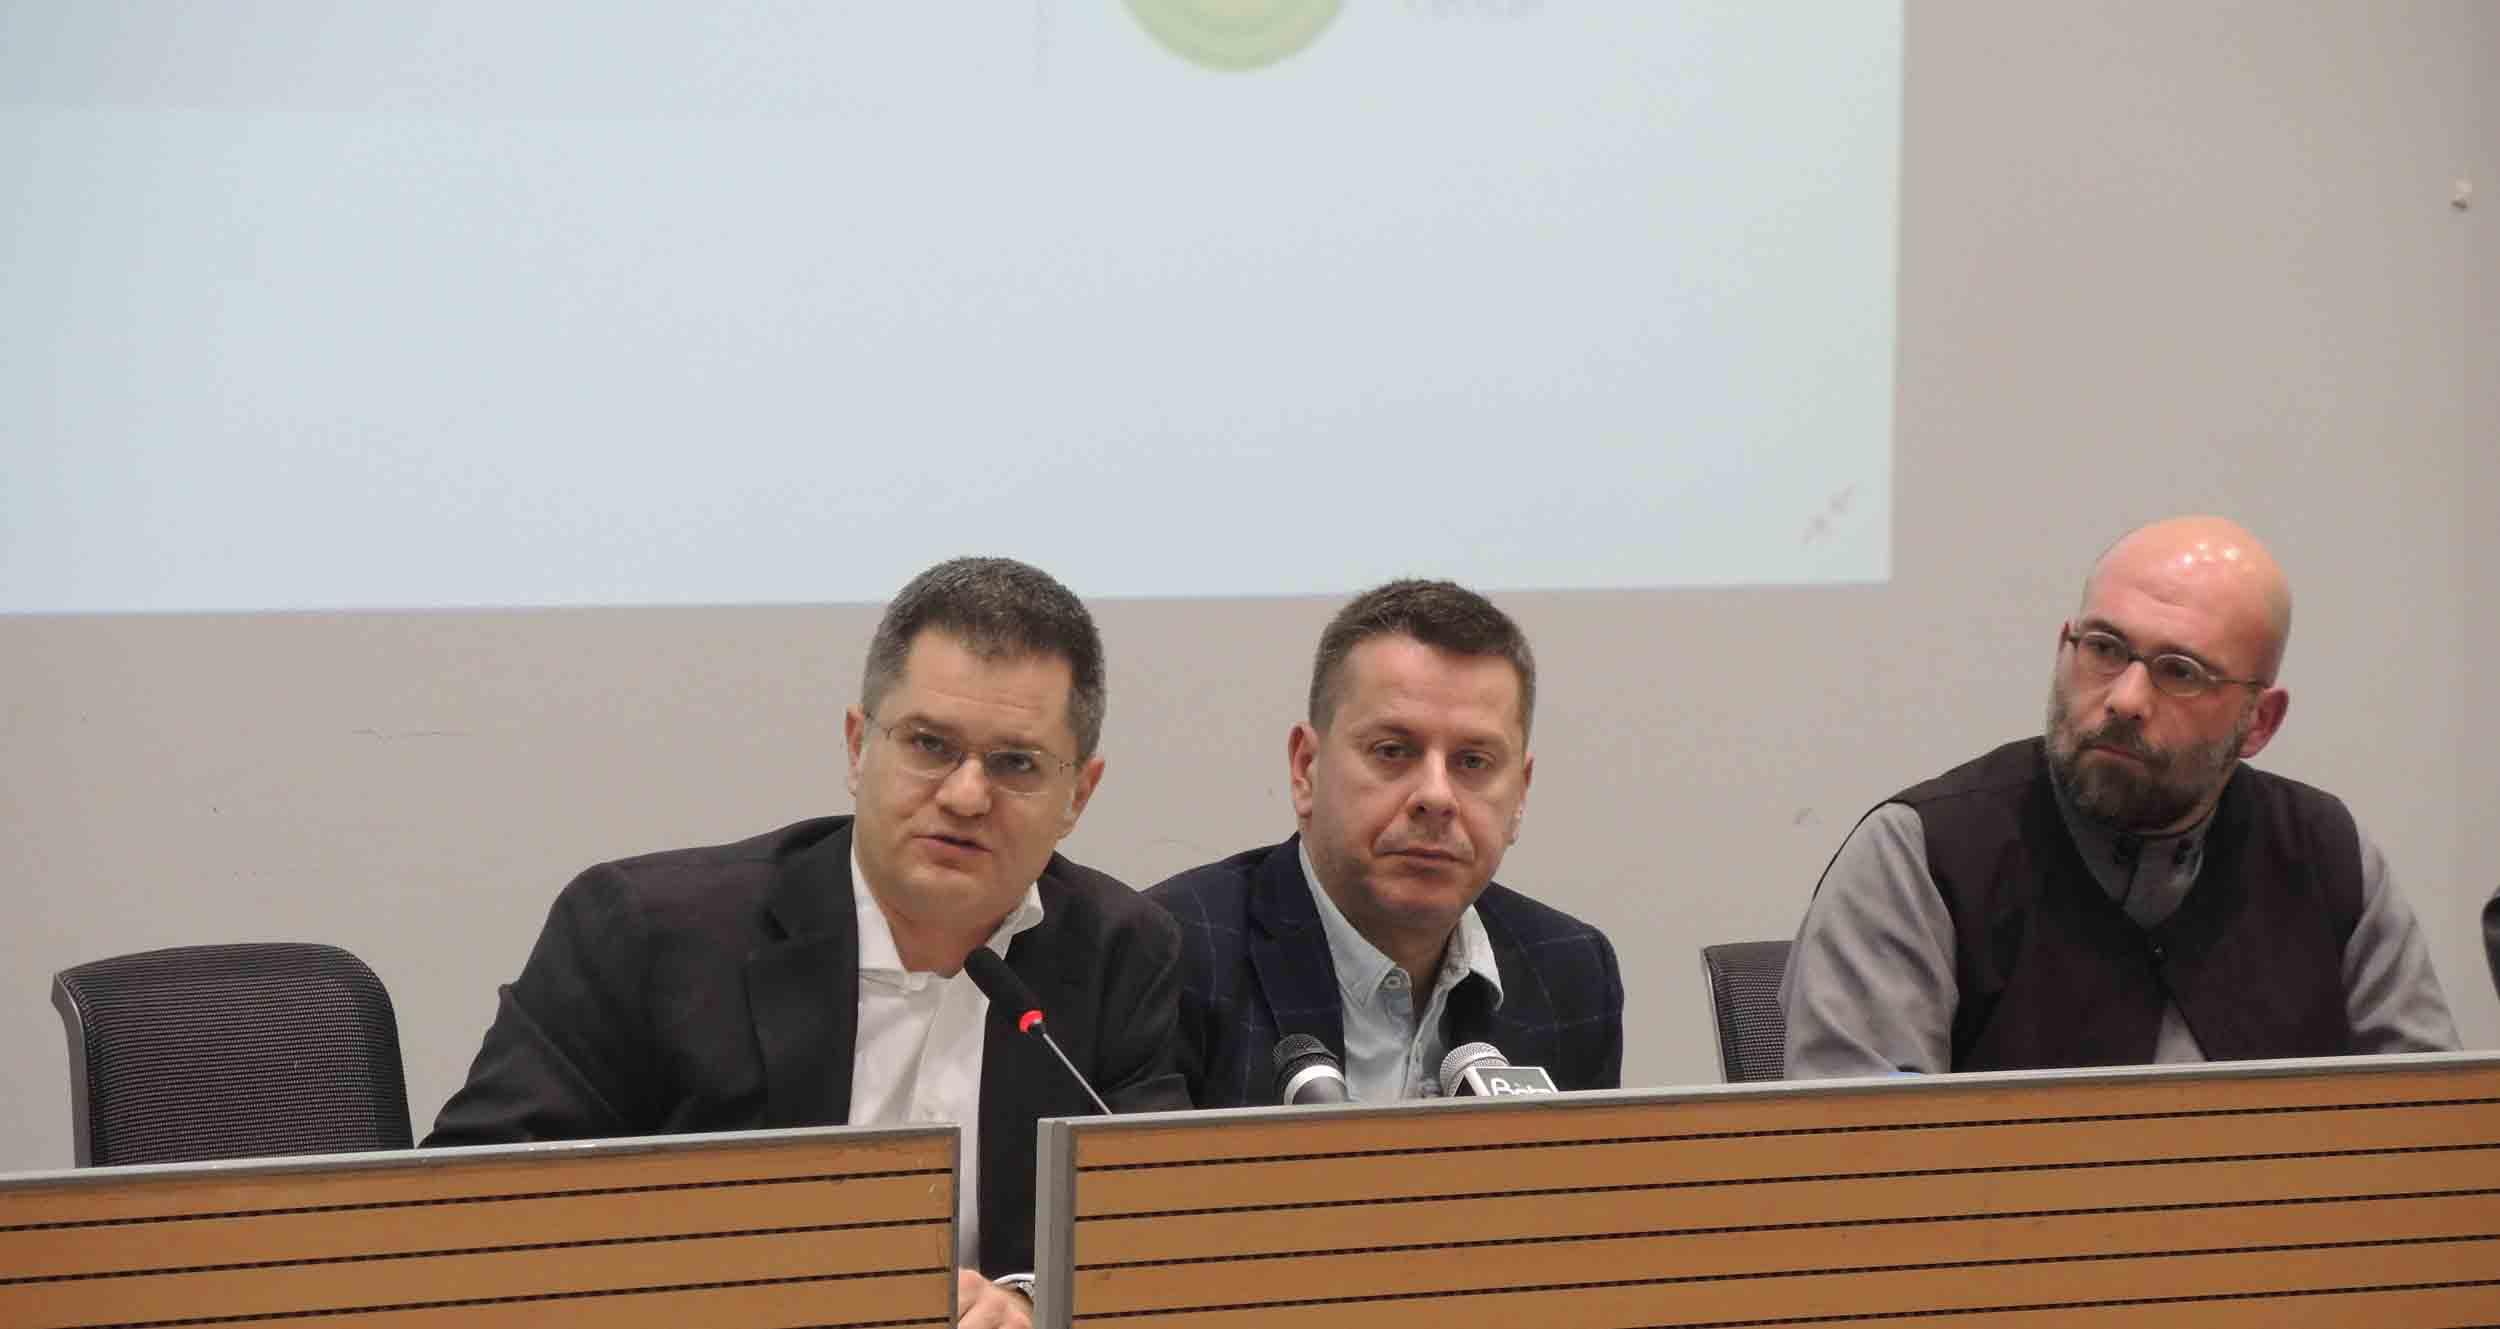 Јеремић: Ако у Црној Гори прође закон против СПЦ, исто ће се догодити и на Косову и Метохији